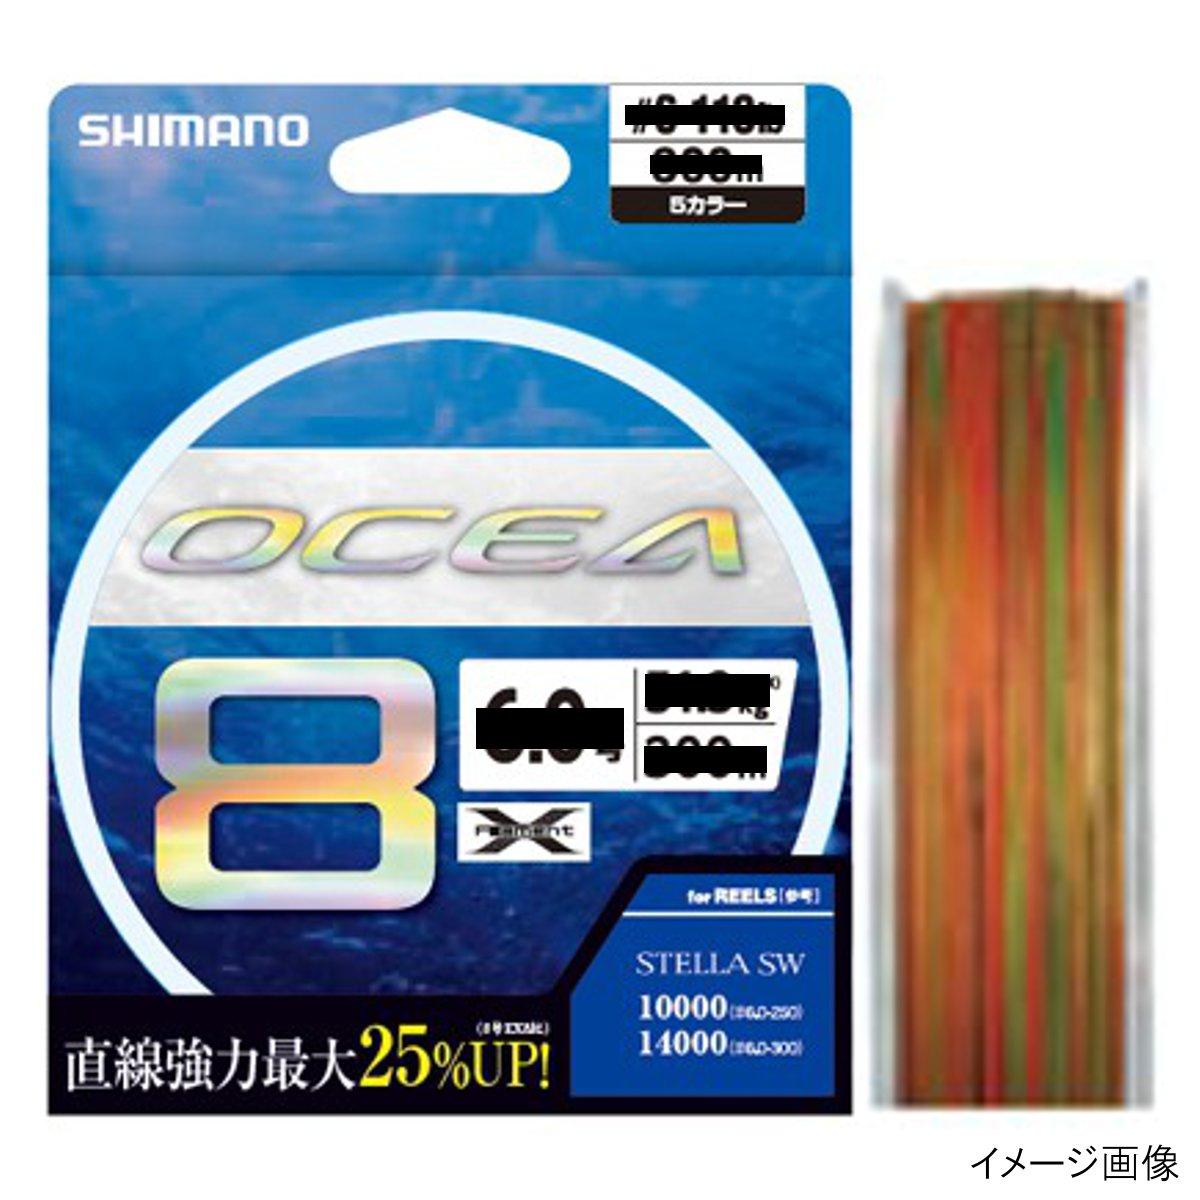 シマノ オシア8 LD-A81S 400m 3.0号 5カラー